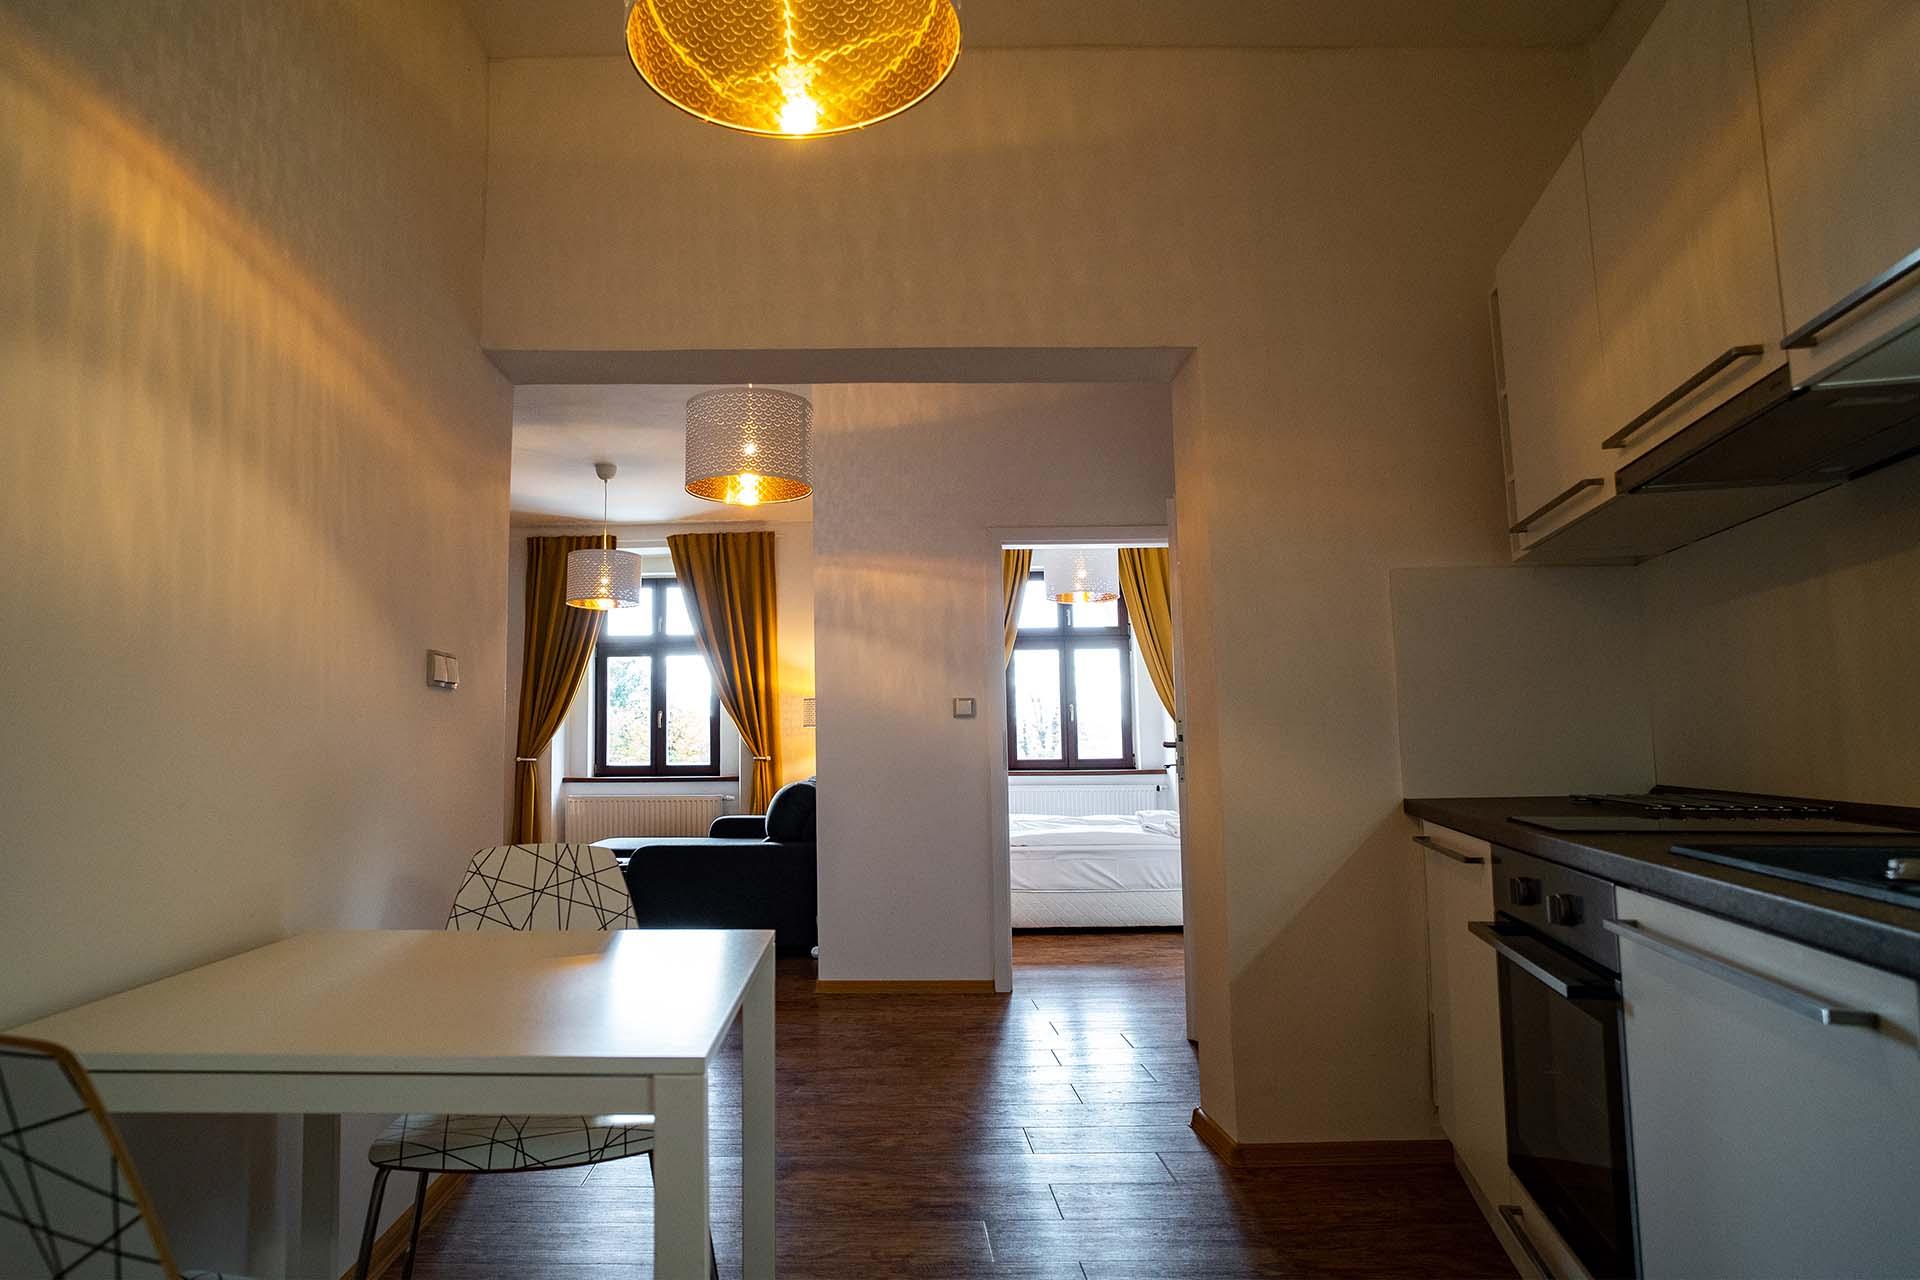 apartmany-obrazek-5